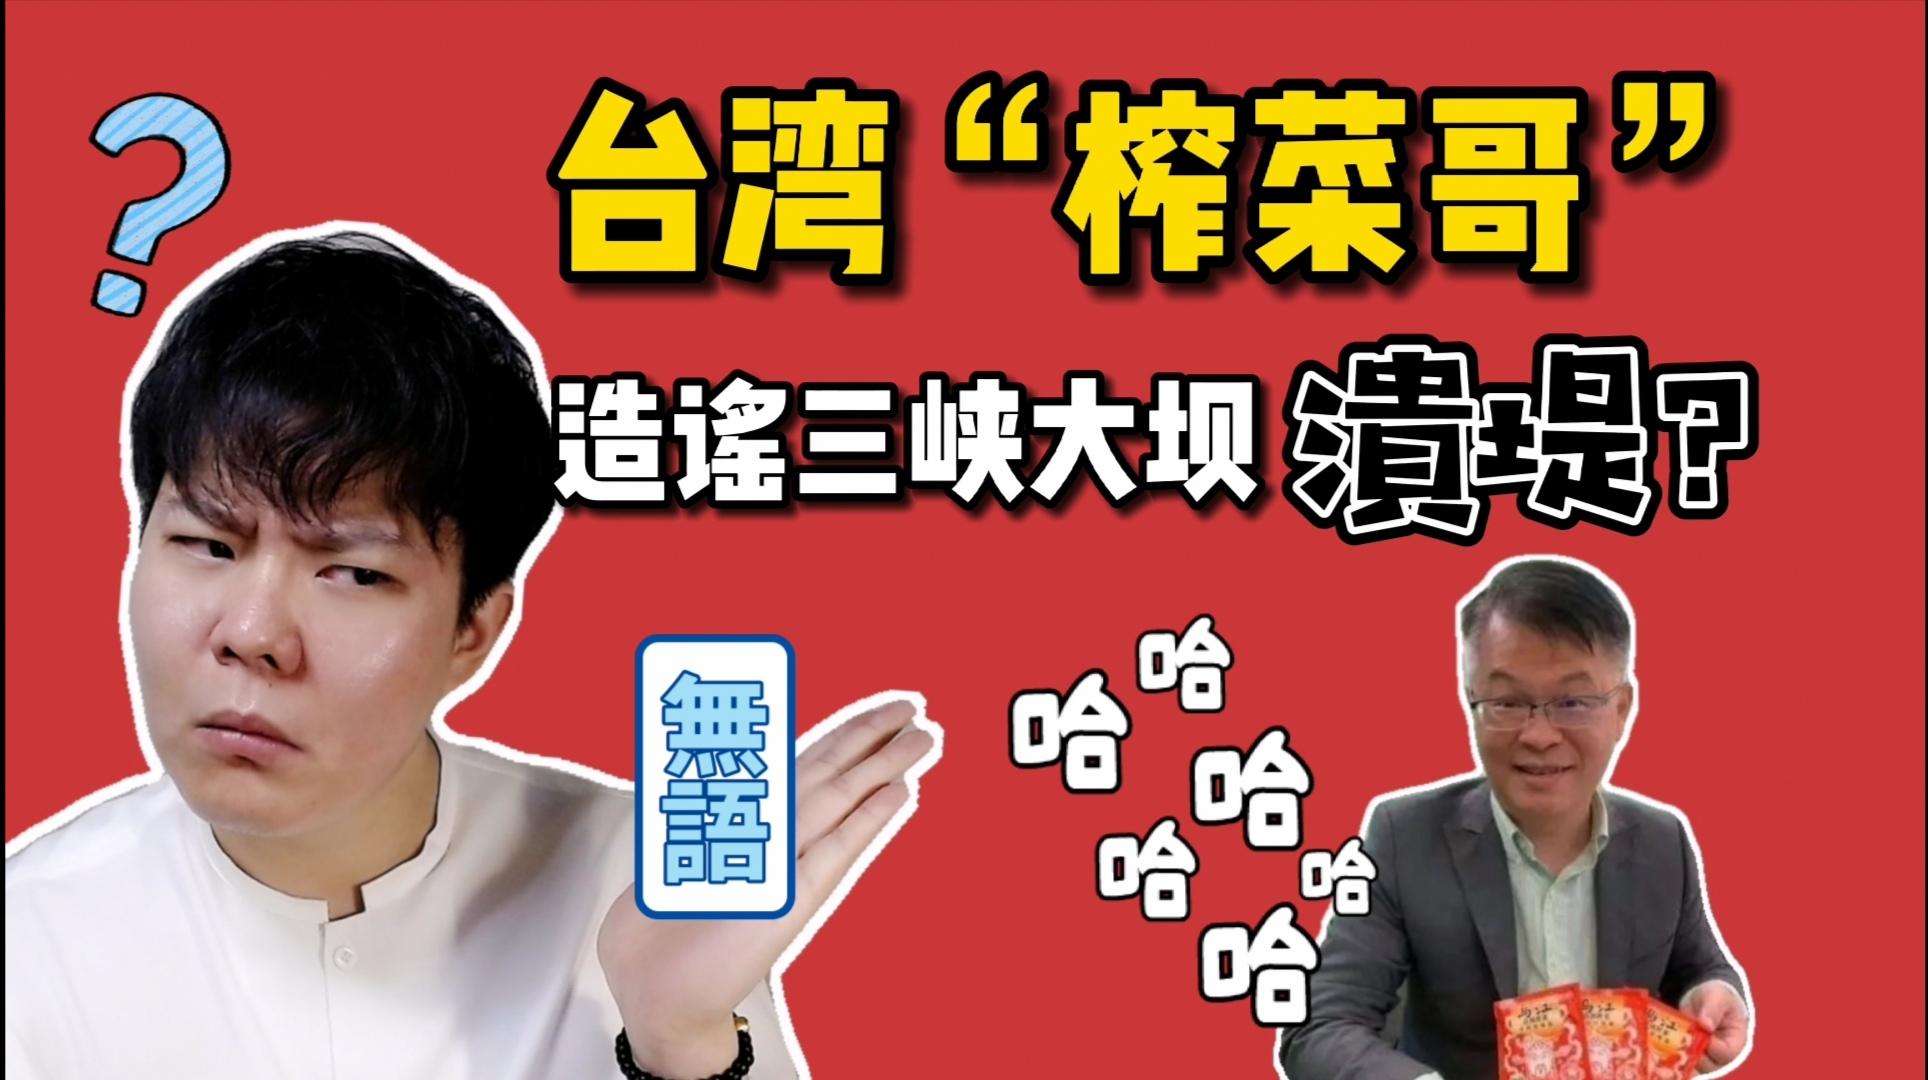 """台湾""""榨菜哥""""造谣三峡大坝有潰堤危险,骗完榨菜又想来骗大坝?图片"""